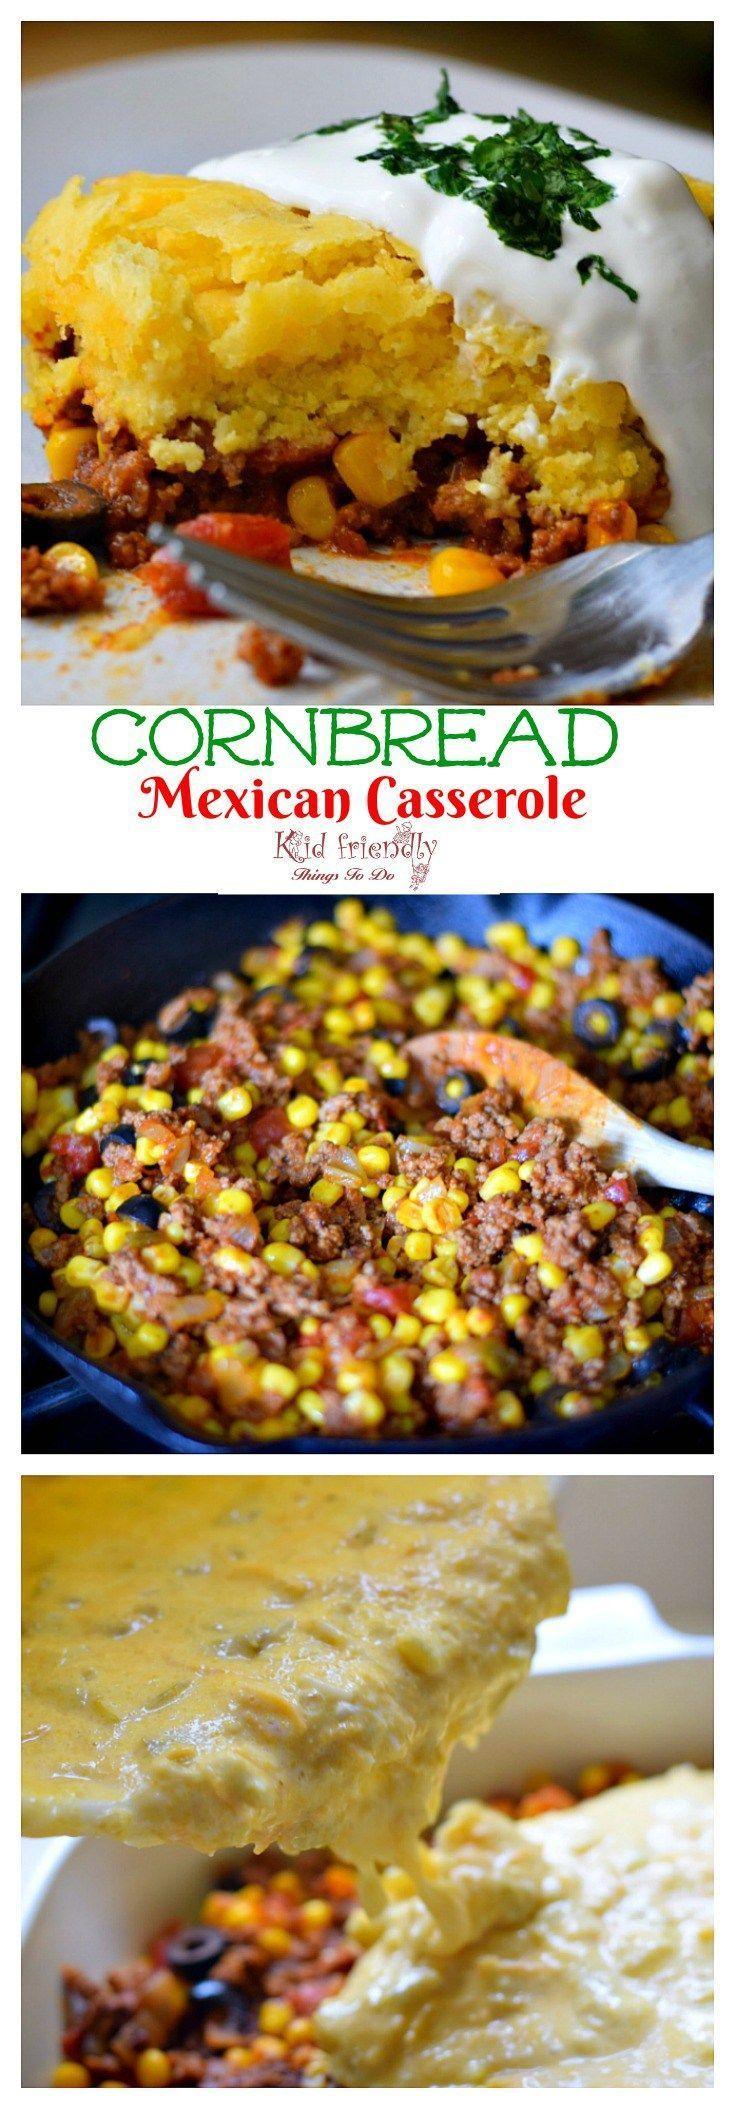 recipe: mexican cornbread casserole recipe ground beef [26]